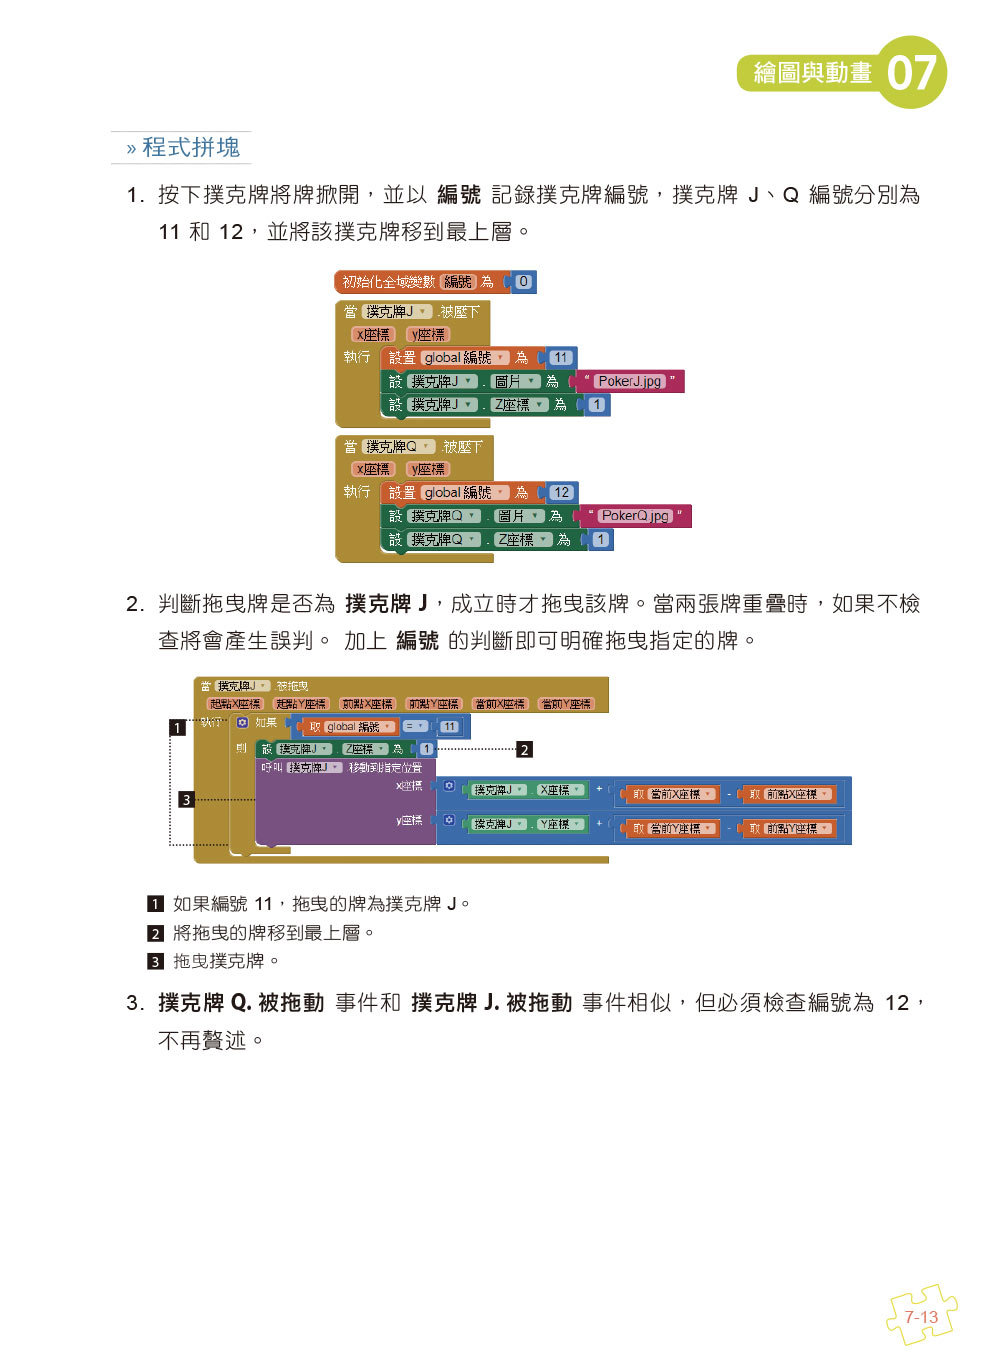 手機應用程式設計超簡單--App Inventor 2零基礎入門班(中文介面第四版)(附入門影音/範例)-preview-7